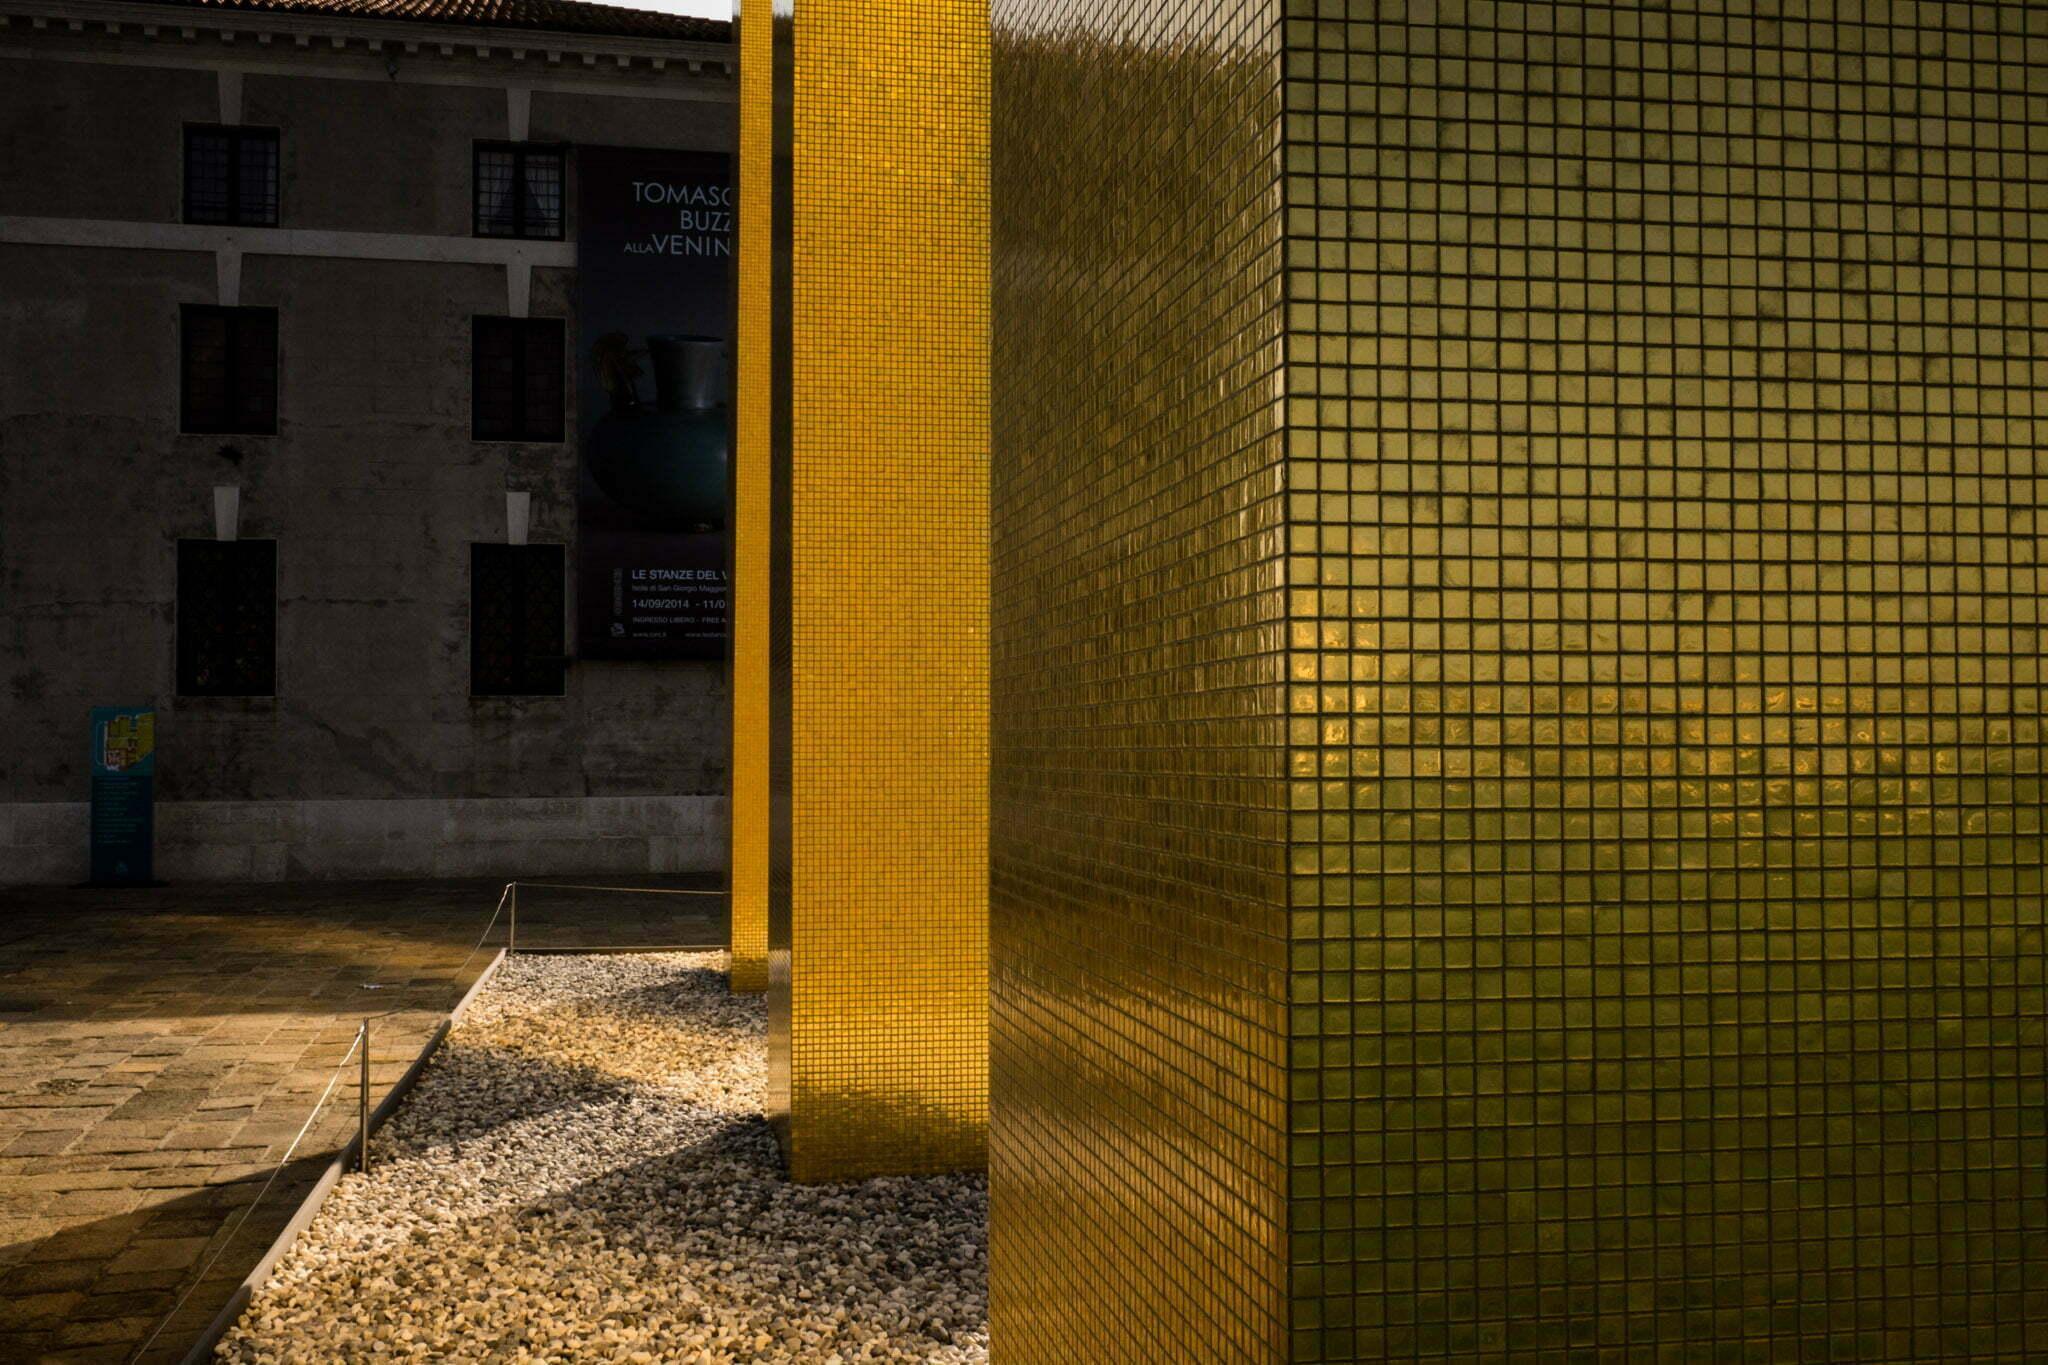 venice-architecture-biennale-2014-golden-columns-7793